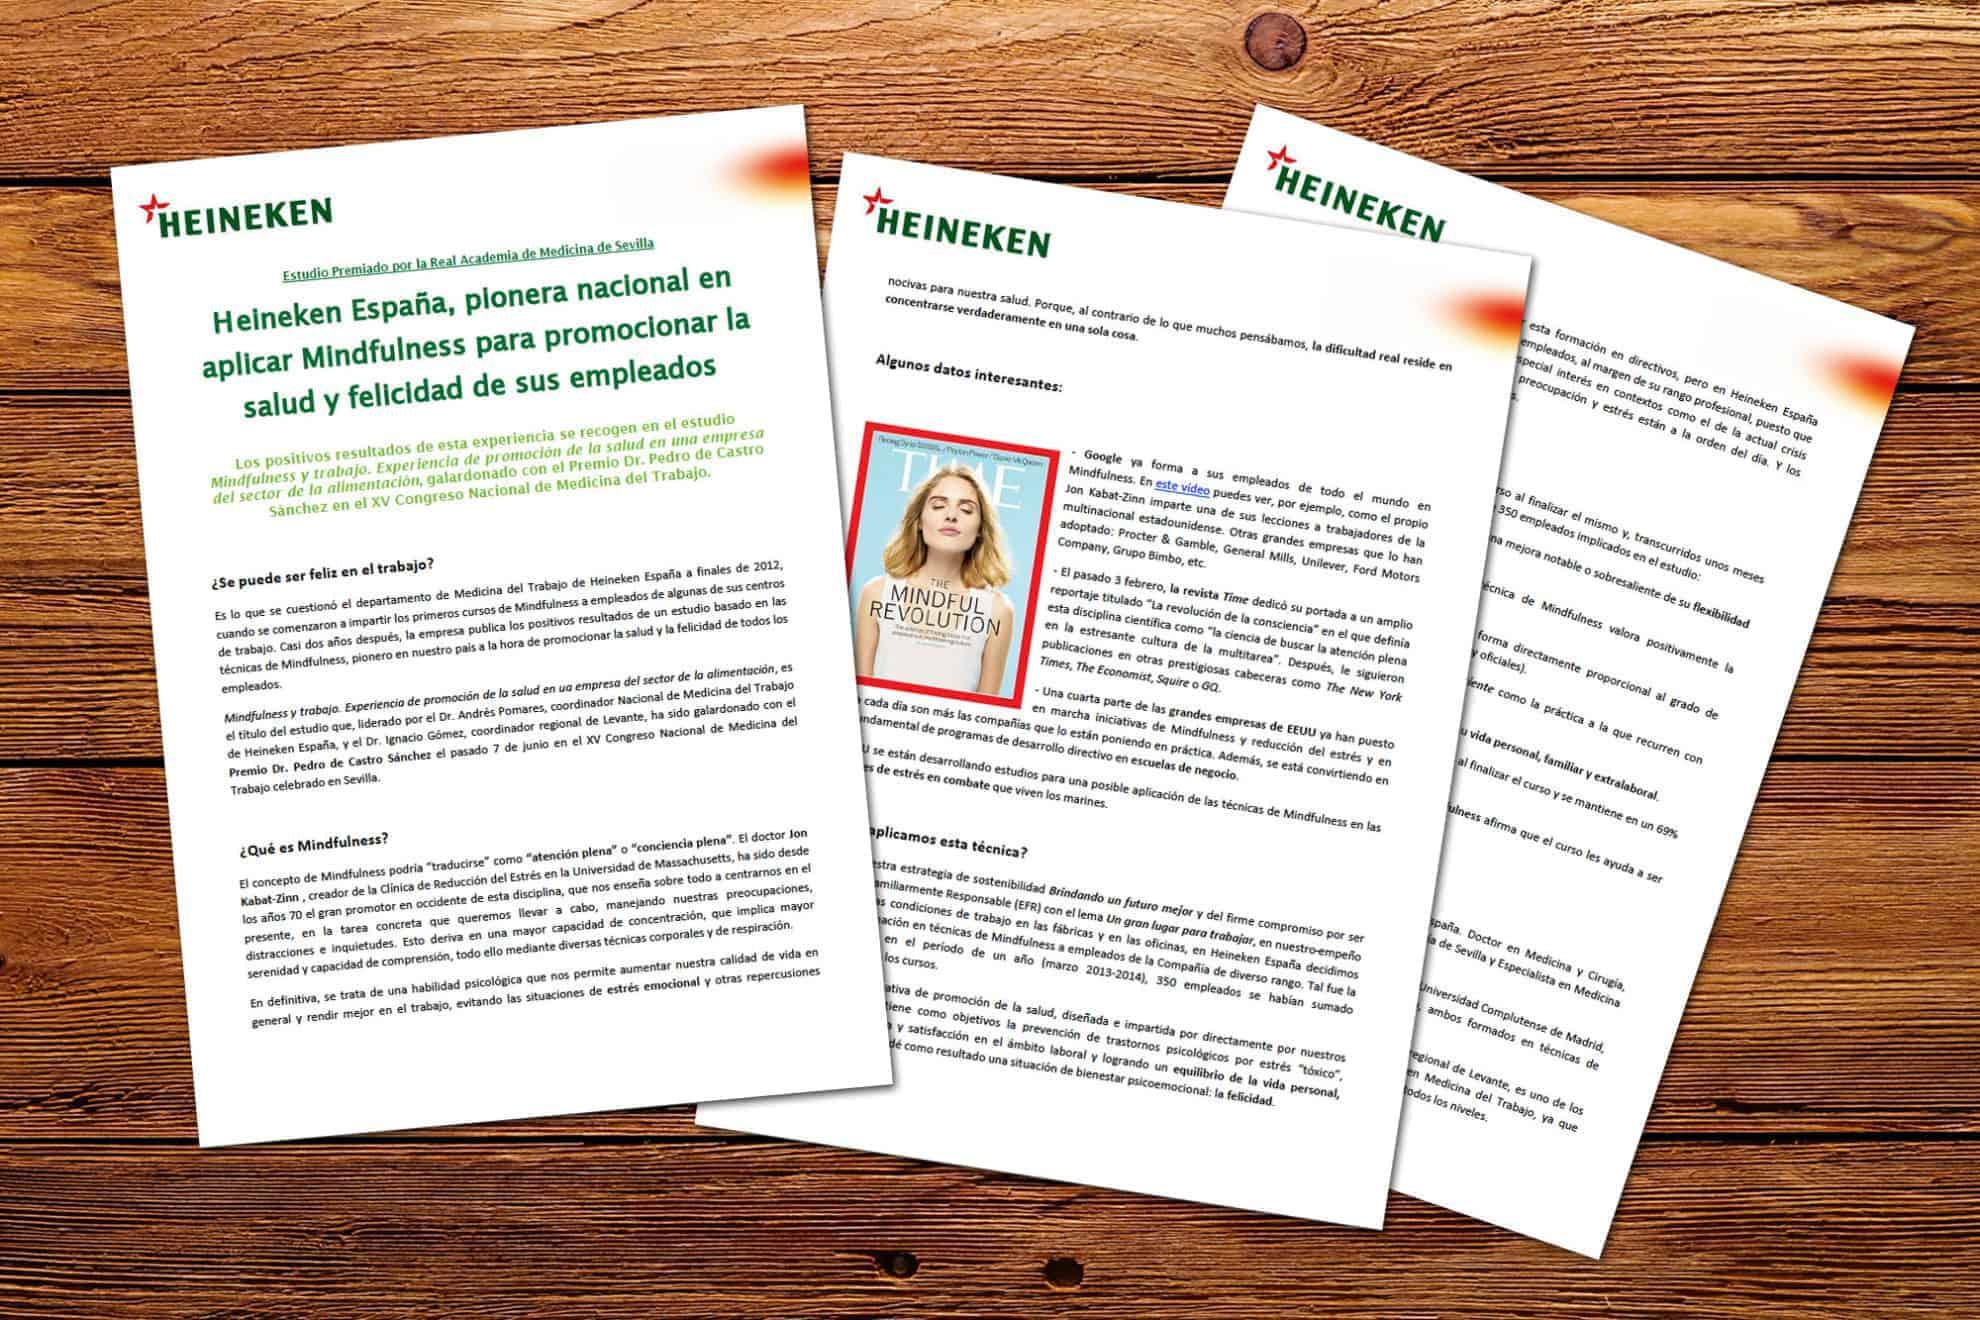 Heineken pionera en Mindfulness